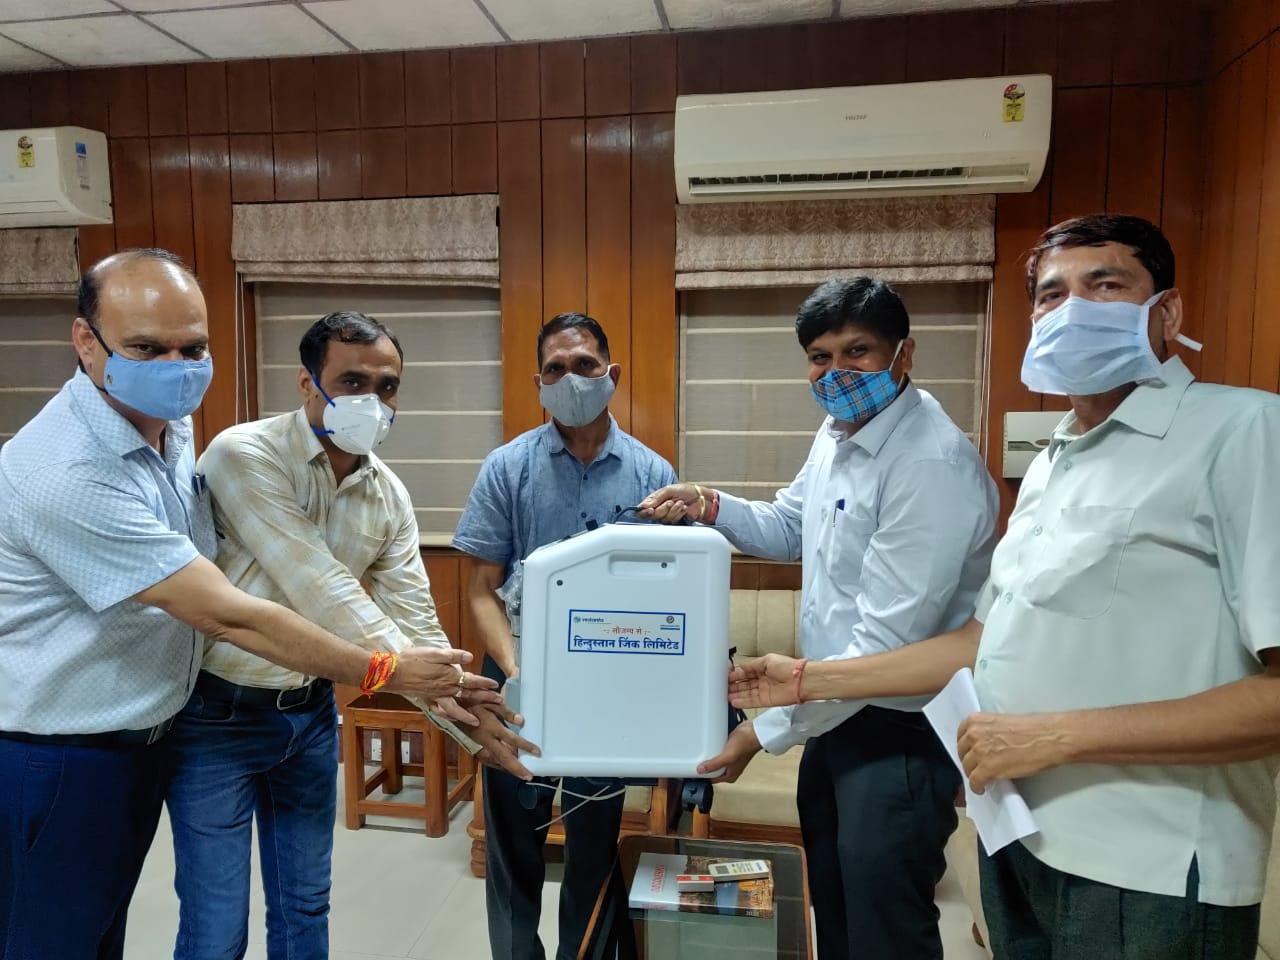 हिन्दुस्तान जिं़क ने जिले को उपलब्ध कराएं 90 ऑक्सीजन कंसंट्रेटर